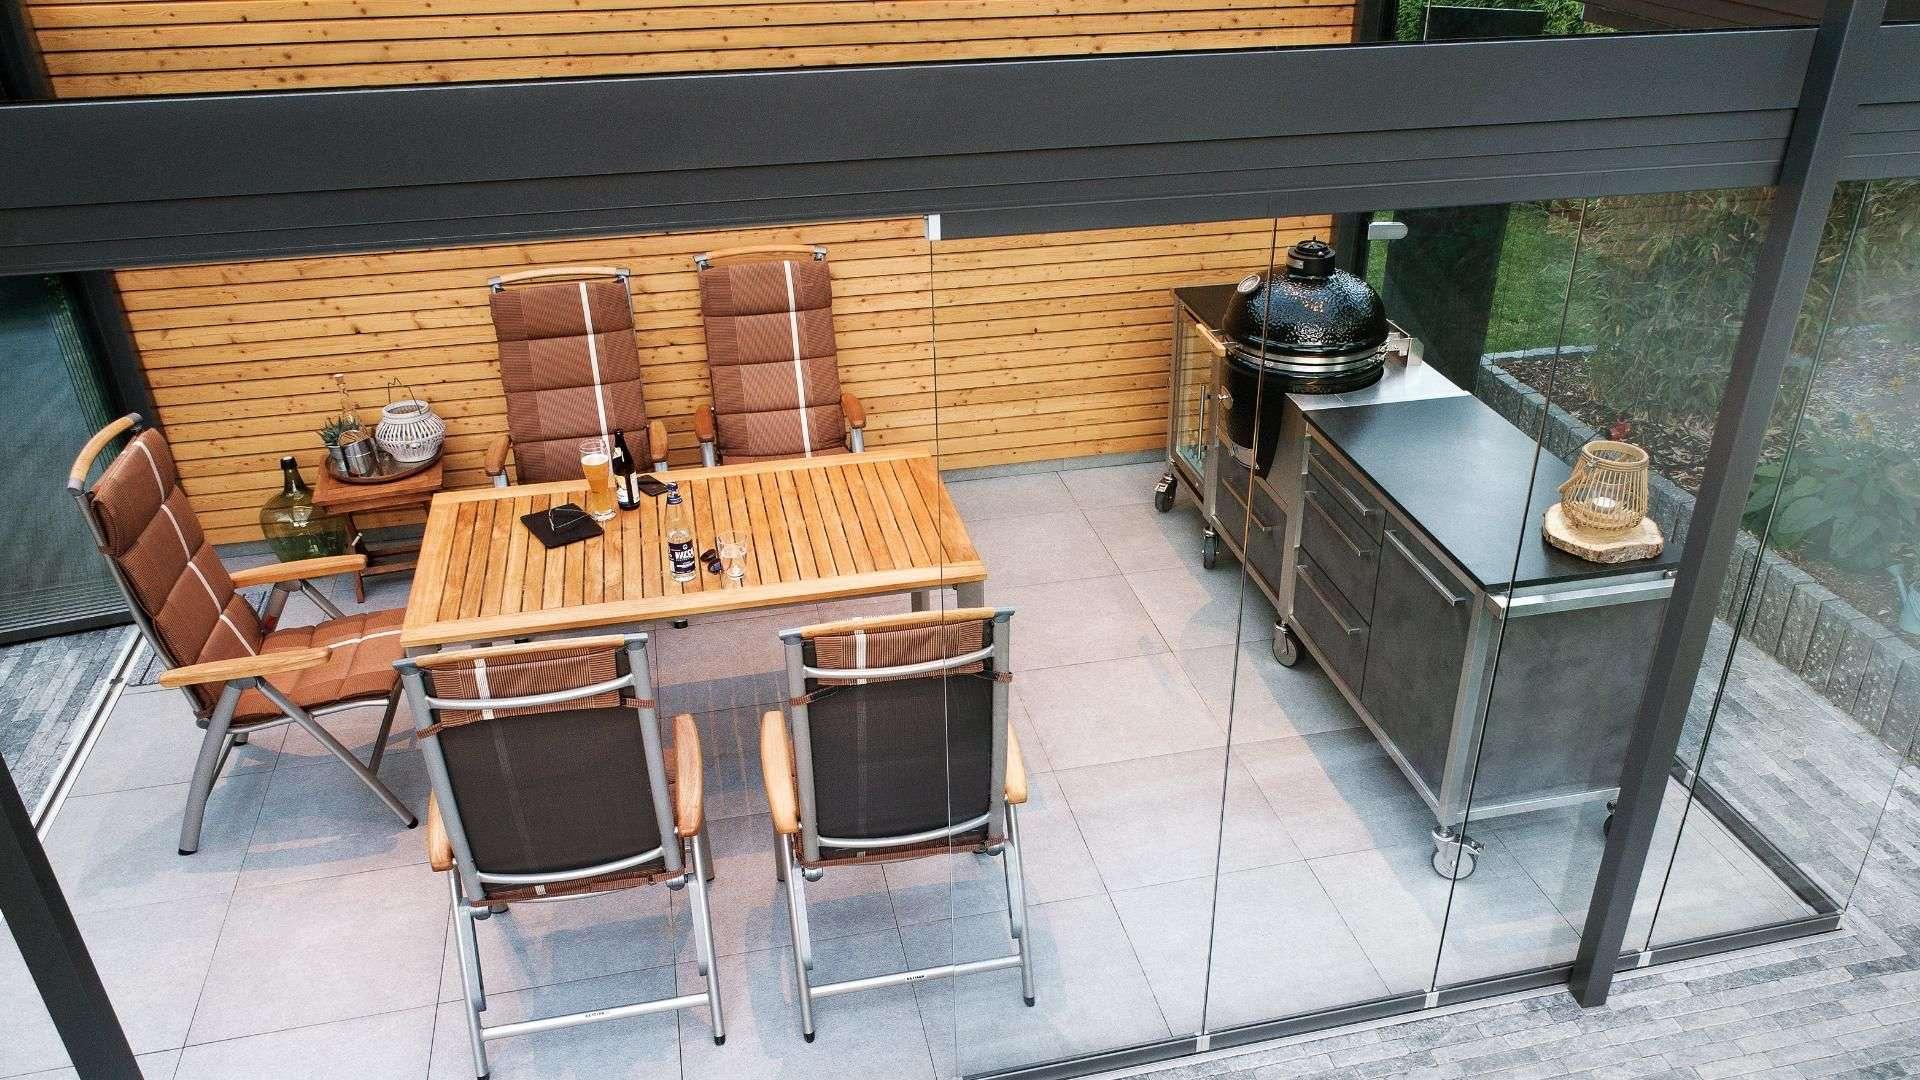 Burnout Outdoorküche mit Esstisch in einem Glashaus